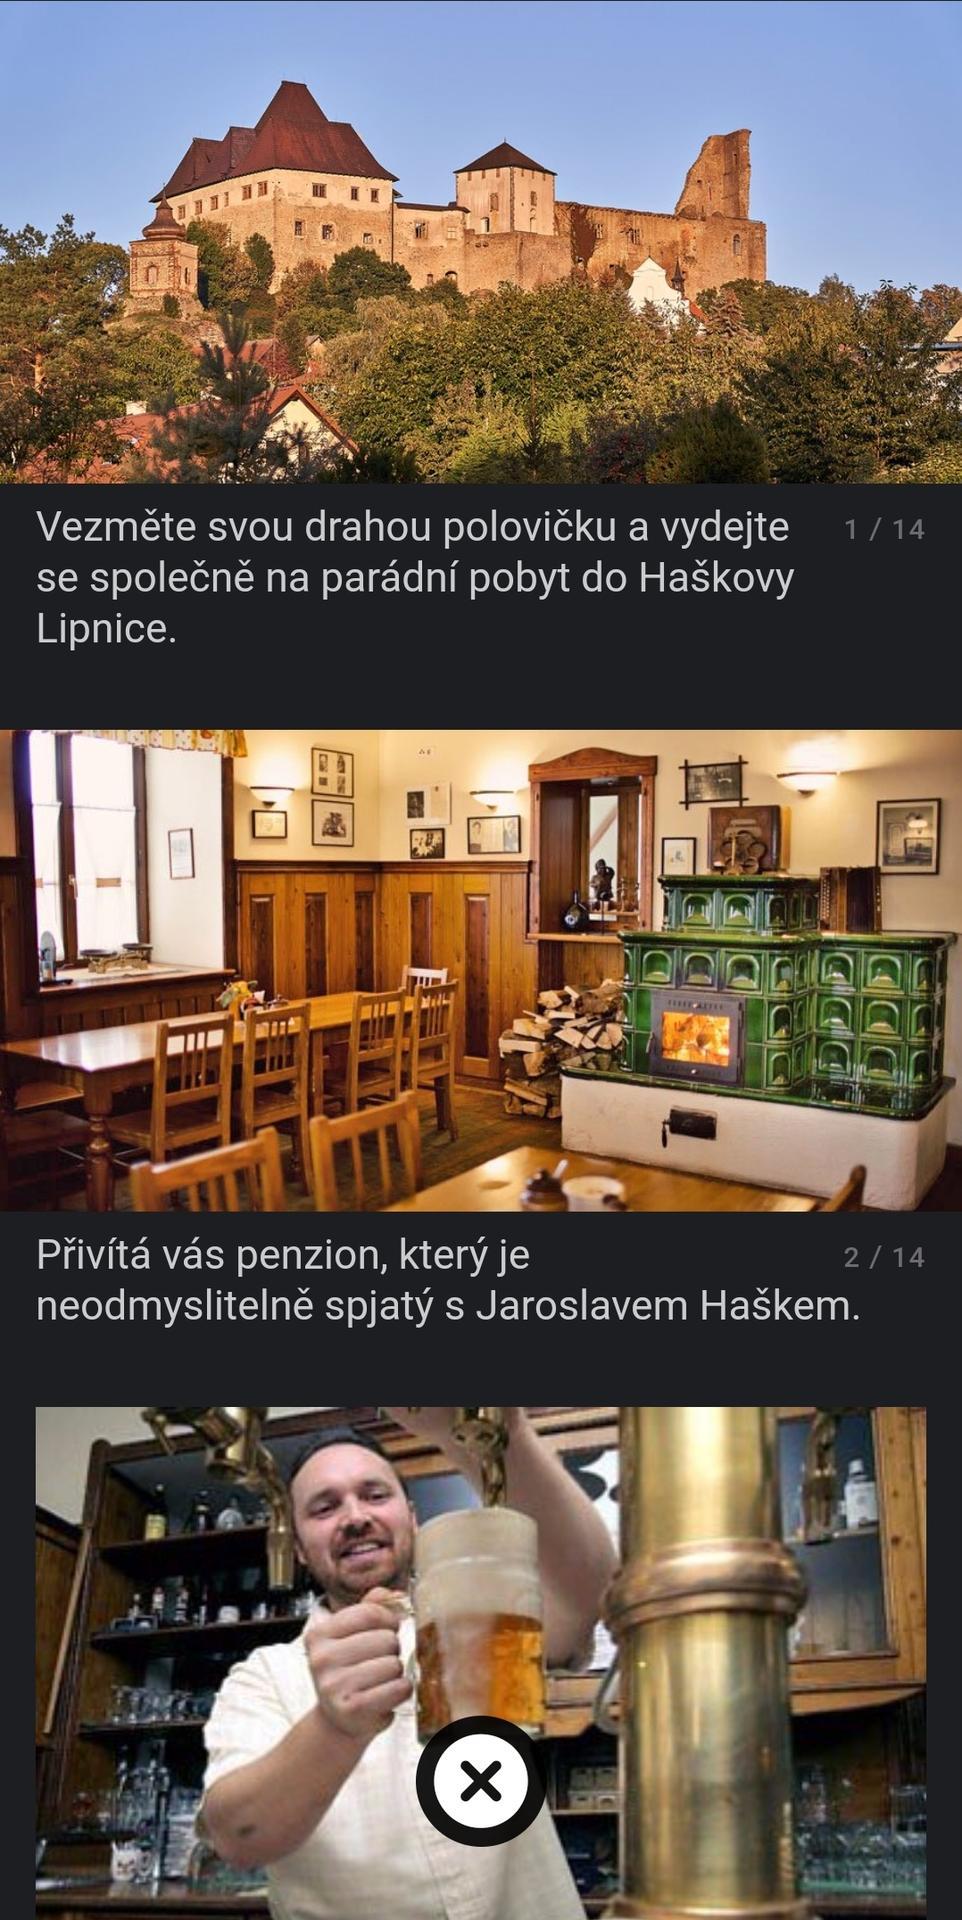 Nabízím pobyt v Lipnici... - Obrázek č. 1